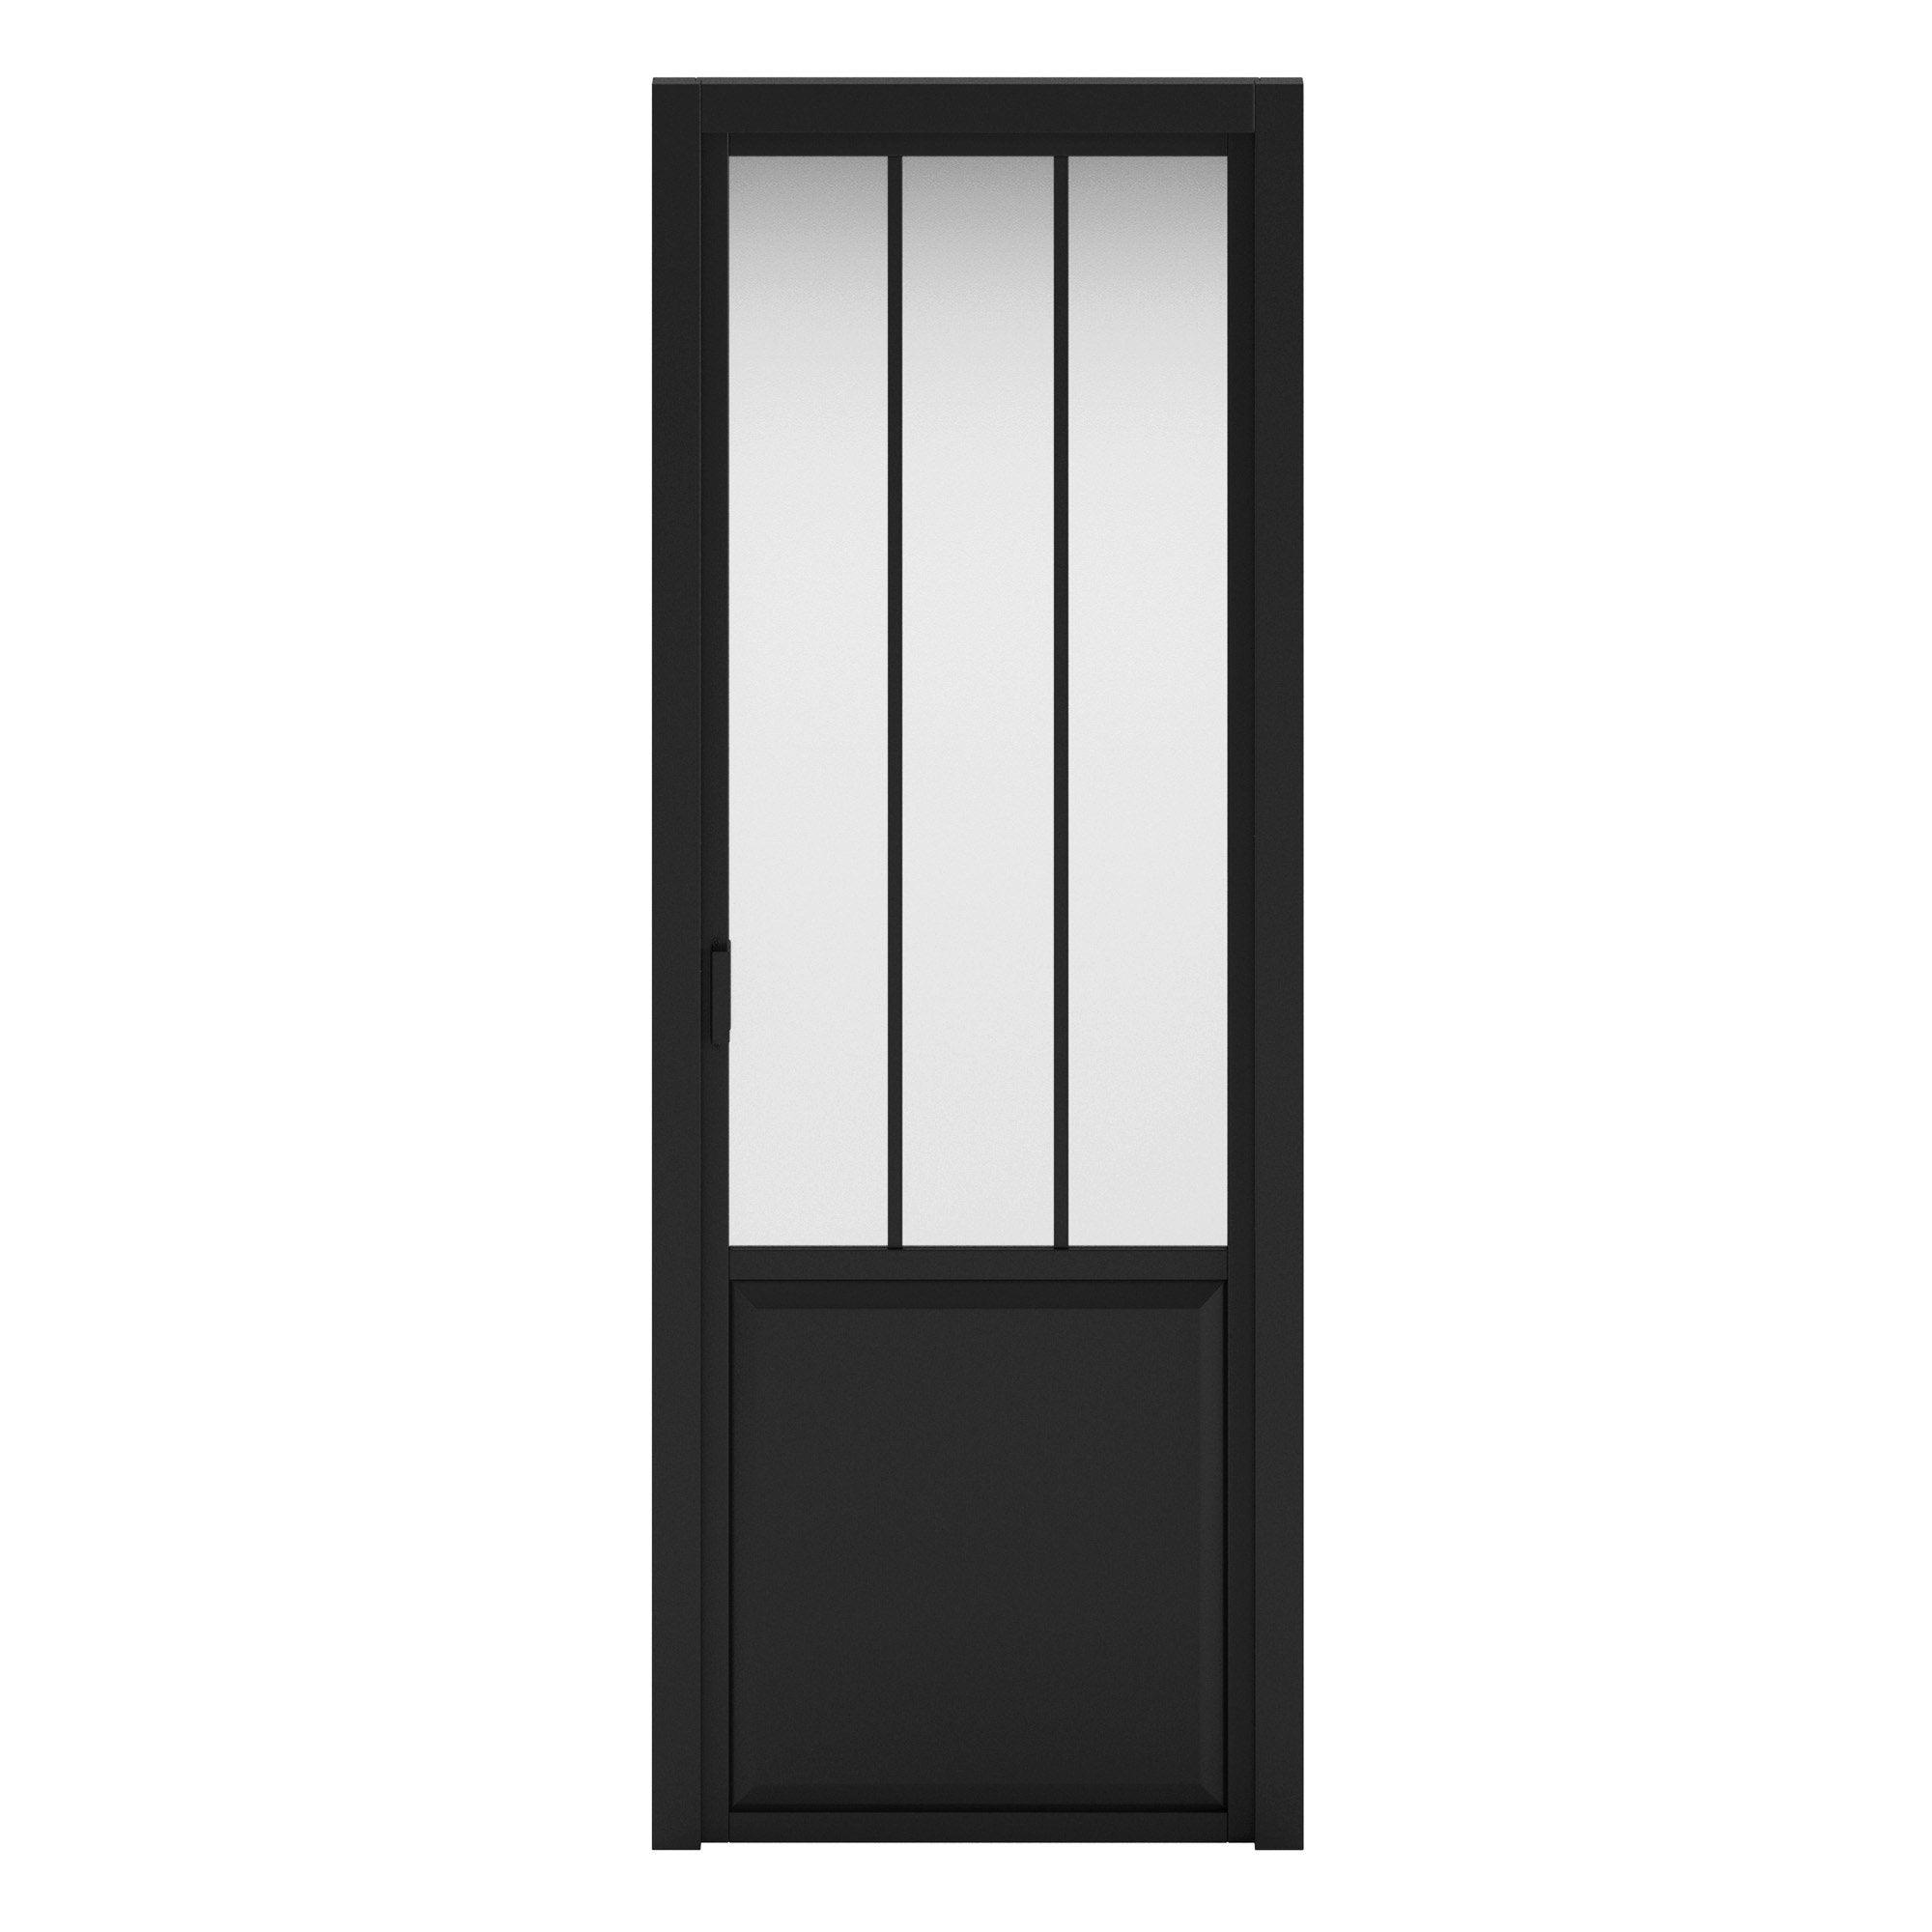 Bloc-porte fin de chantier atelier vitré Atelier noir, H.220 x l.73 cm, p. droit